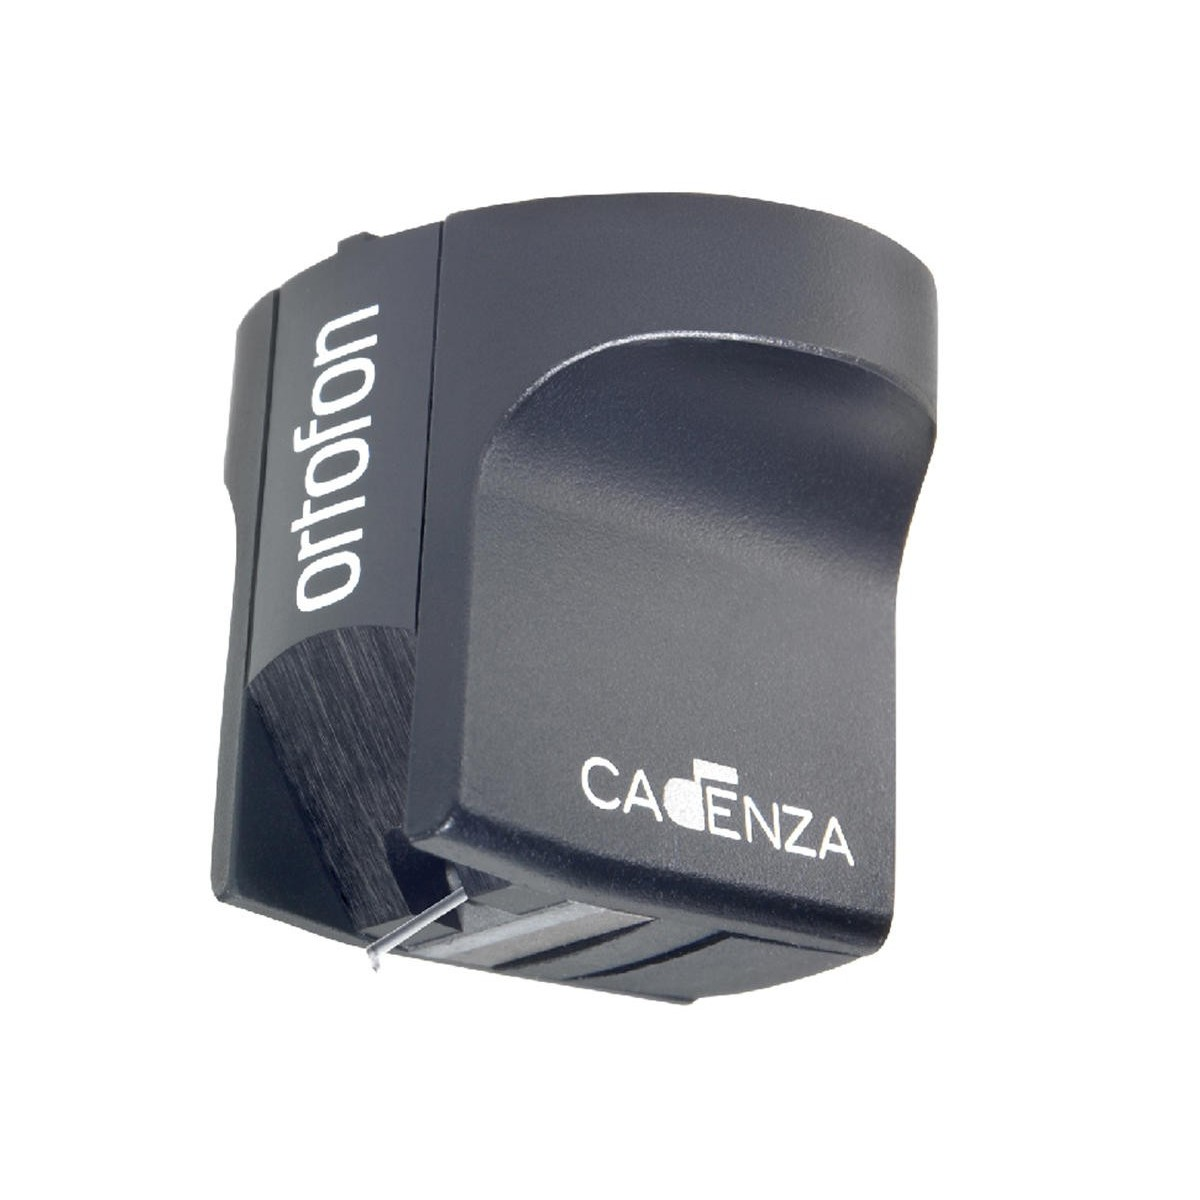 Tonabnehmer Cadenza Black